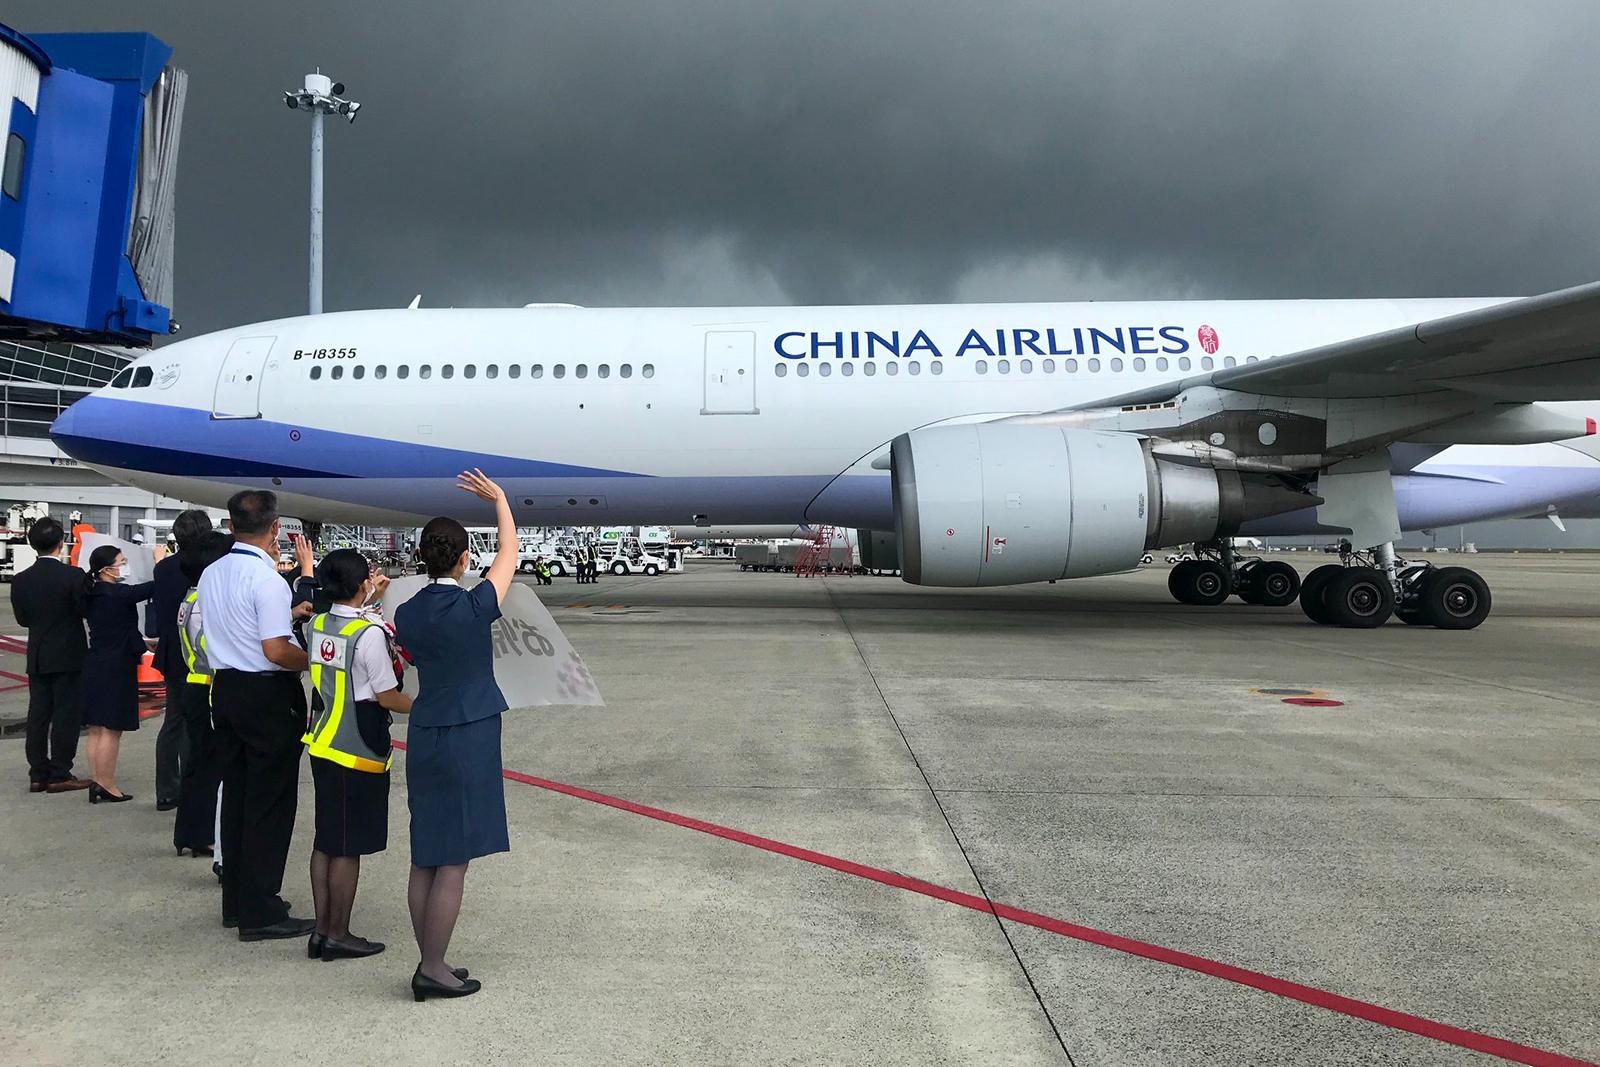 2020年11月26日,學者推測,華航未來會逐步讓飛機塗裝的「CHINA AIRLINES」消失,換上「TAIWAN」。(取材自華航臉書)